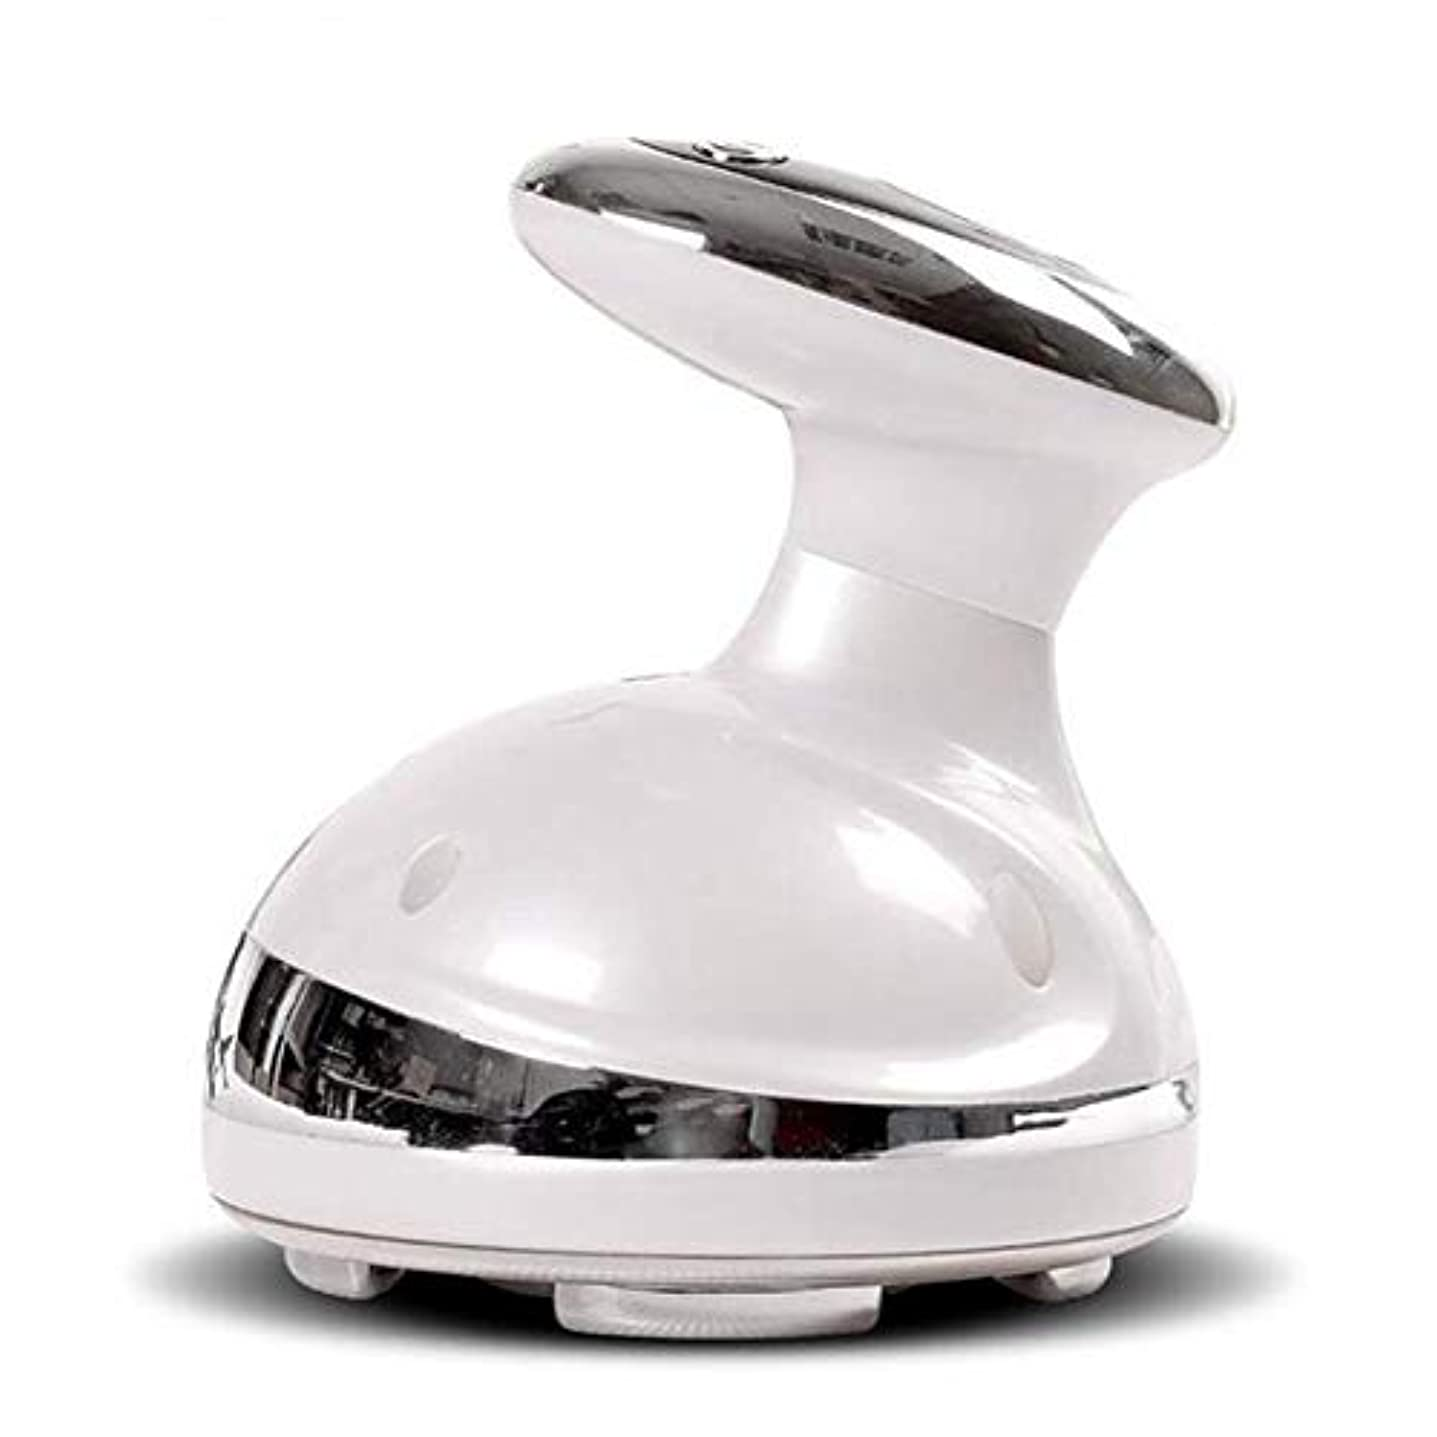 ペア作曲する抑止するRFスリミングマッサージ、美容ボディスリミングマッサージ減量マシン高周波振動ボディの彫刻スキンを締める美容除去脂肪